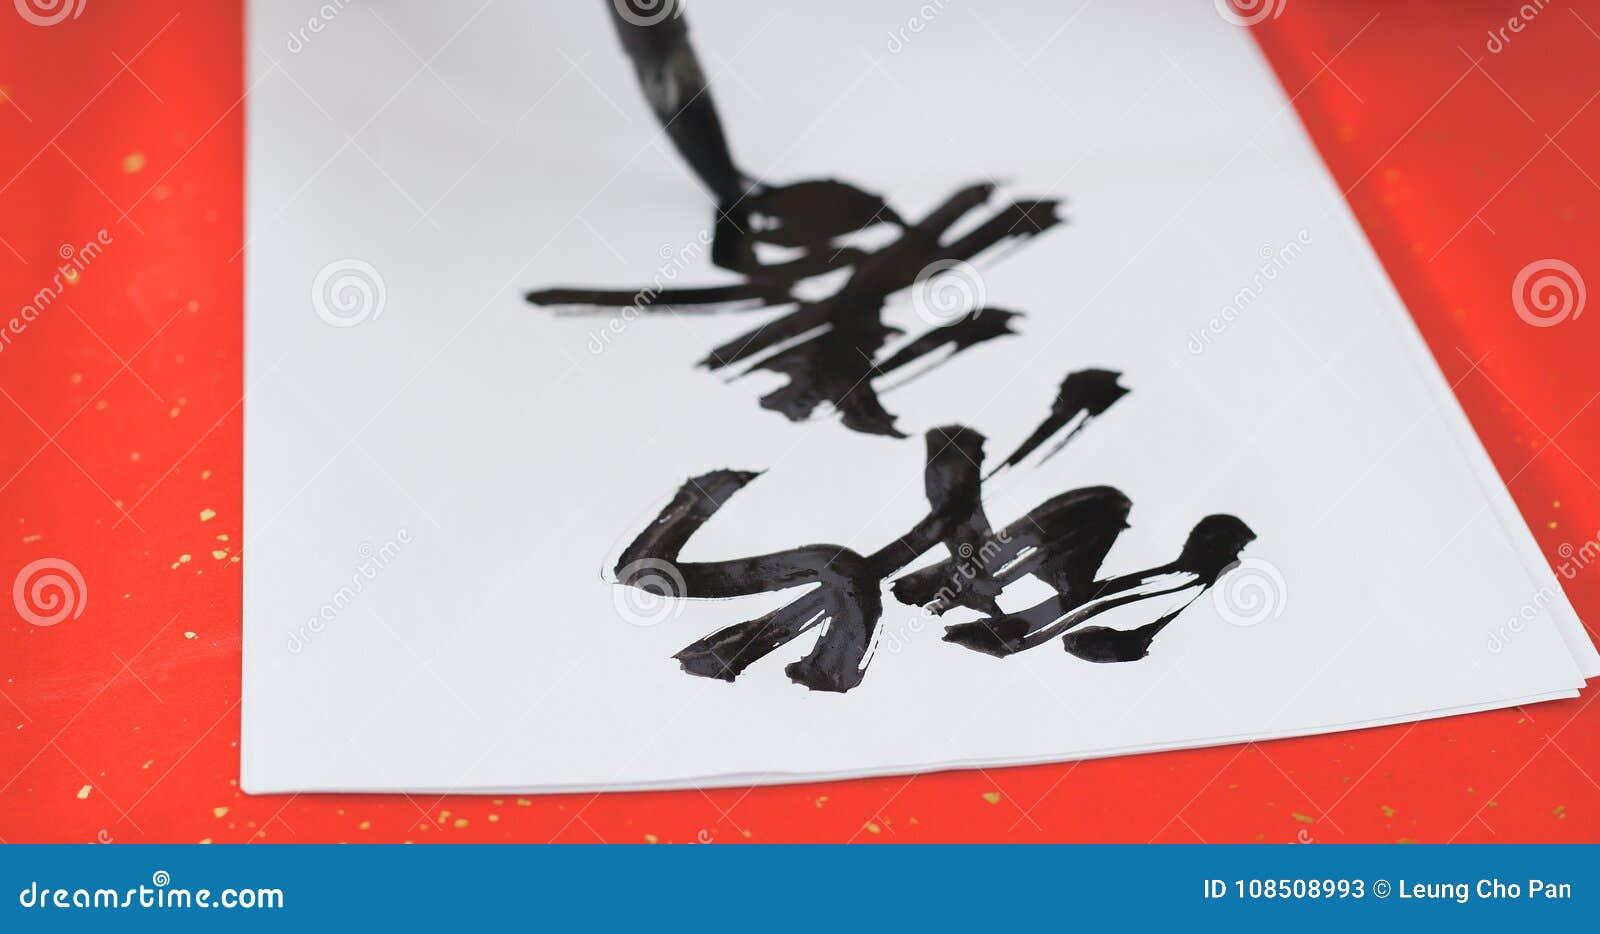 Inscription de la calligraphie chinoise pendant la nouvelle année lunaire, expression signifiant f